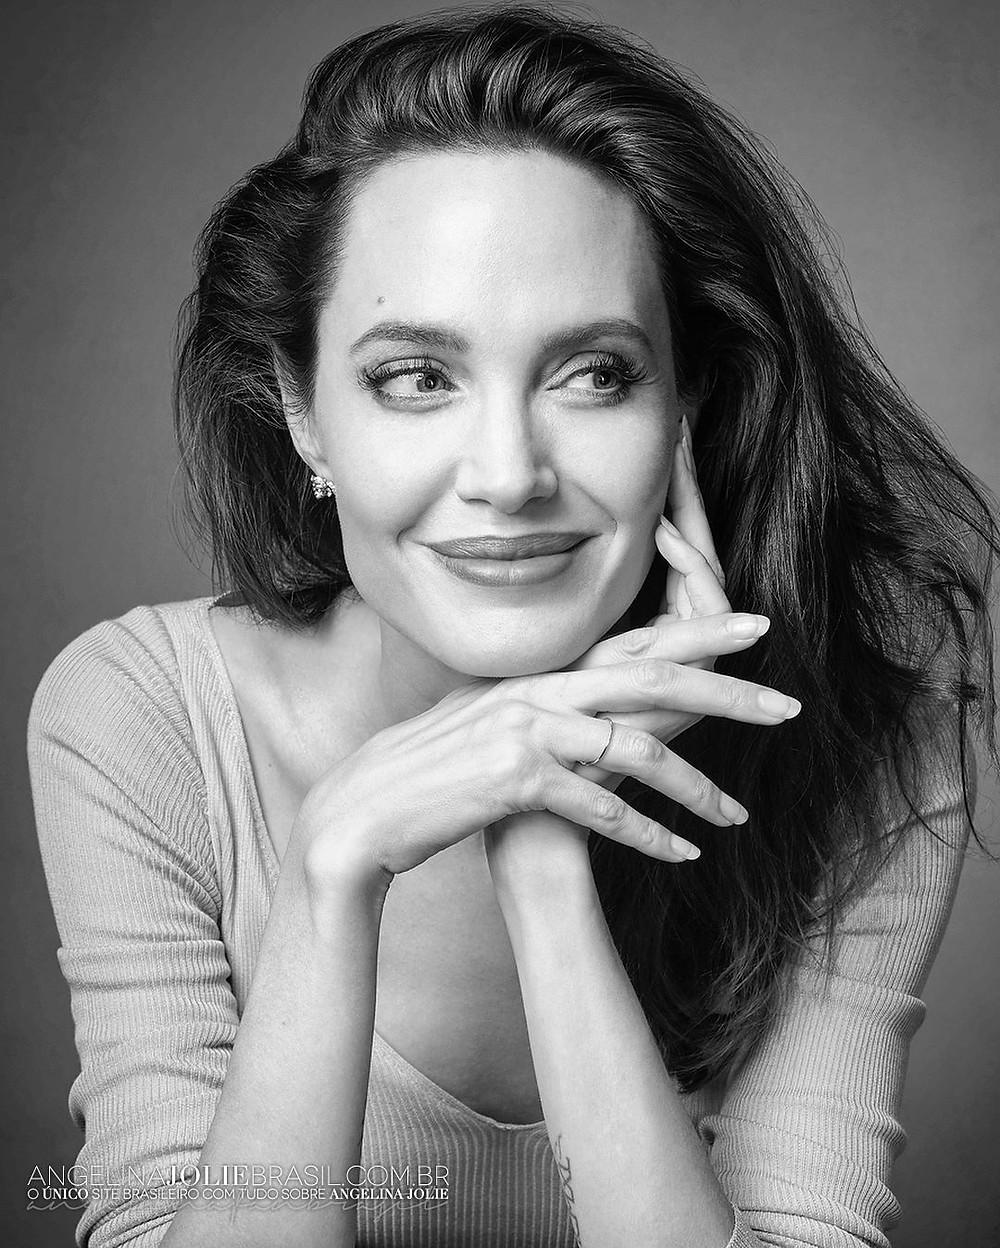 Angelina Jolie em foto preta e branca apoiando o queixo em uma das mãos